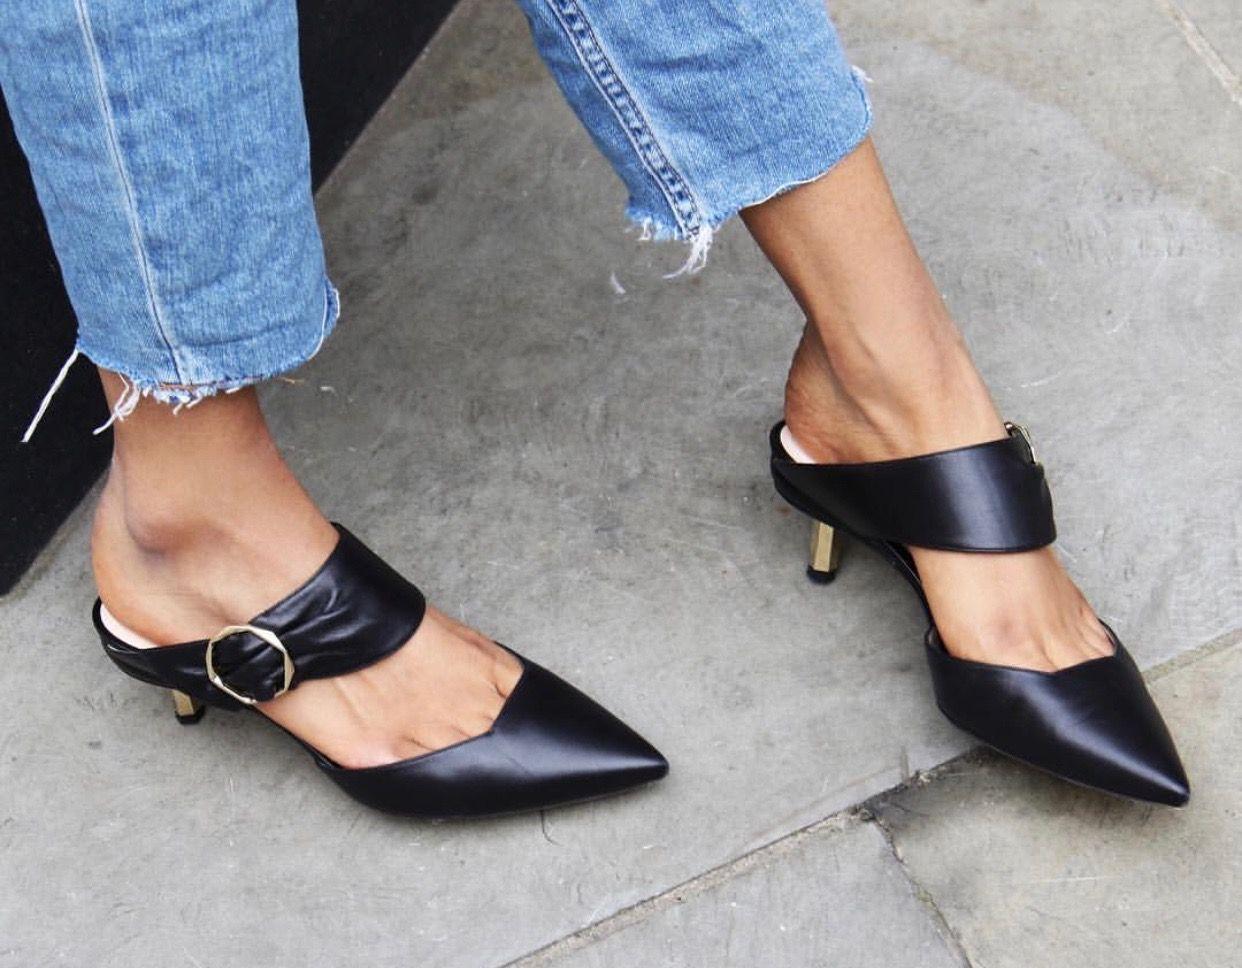 Nicholas Kirkwood Stiletto 2019 Shoes Shoesaddict Sandals Zapatos Estilo Fashion Style Vanessacrestto Kitten Heel Shoes Trending Shoes Chic Shoes Flat